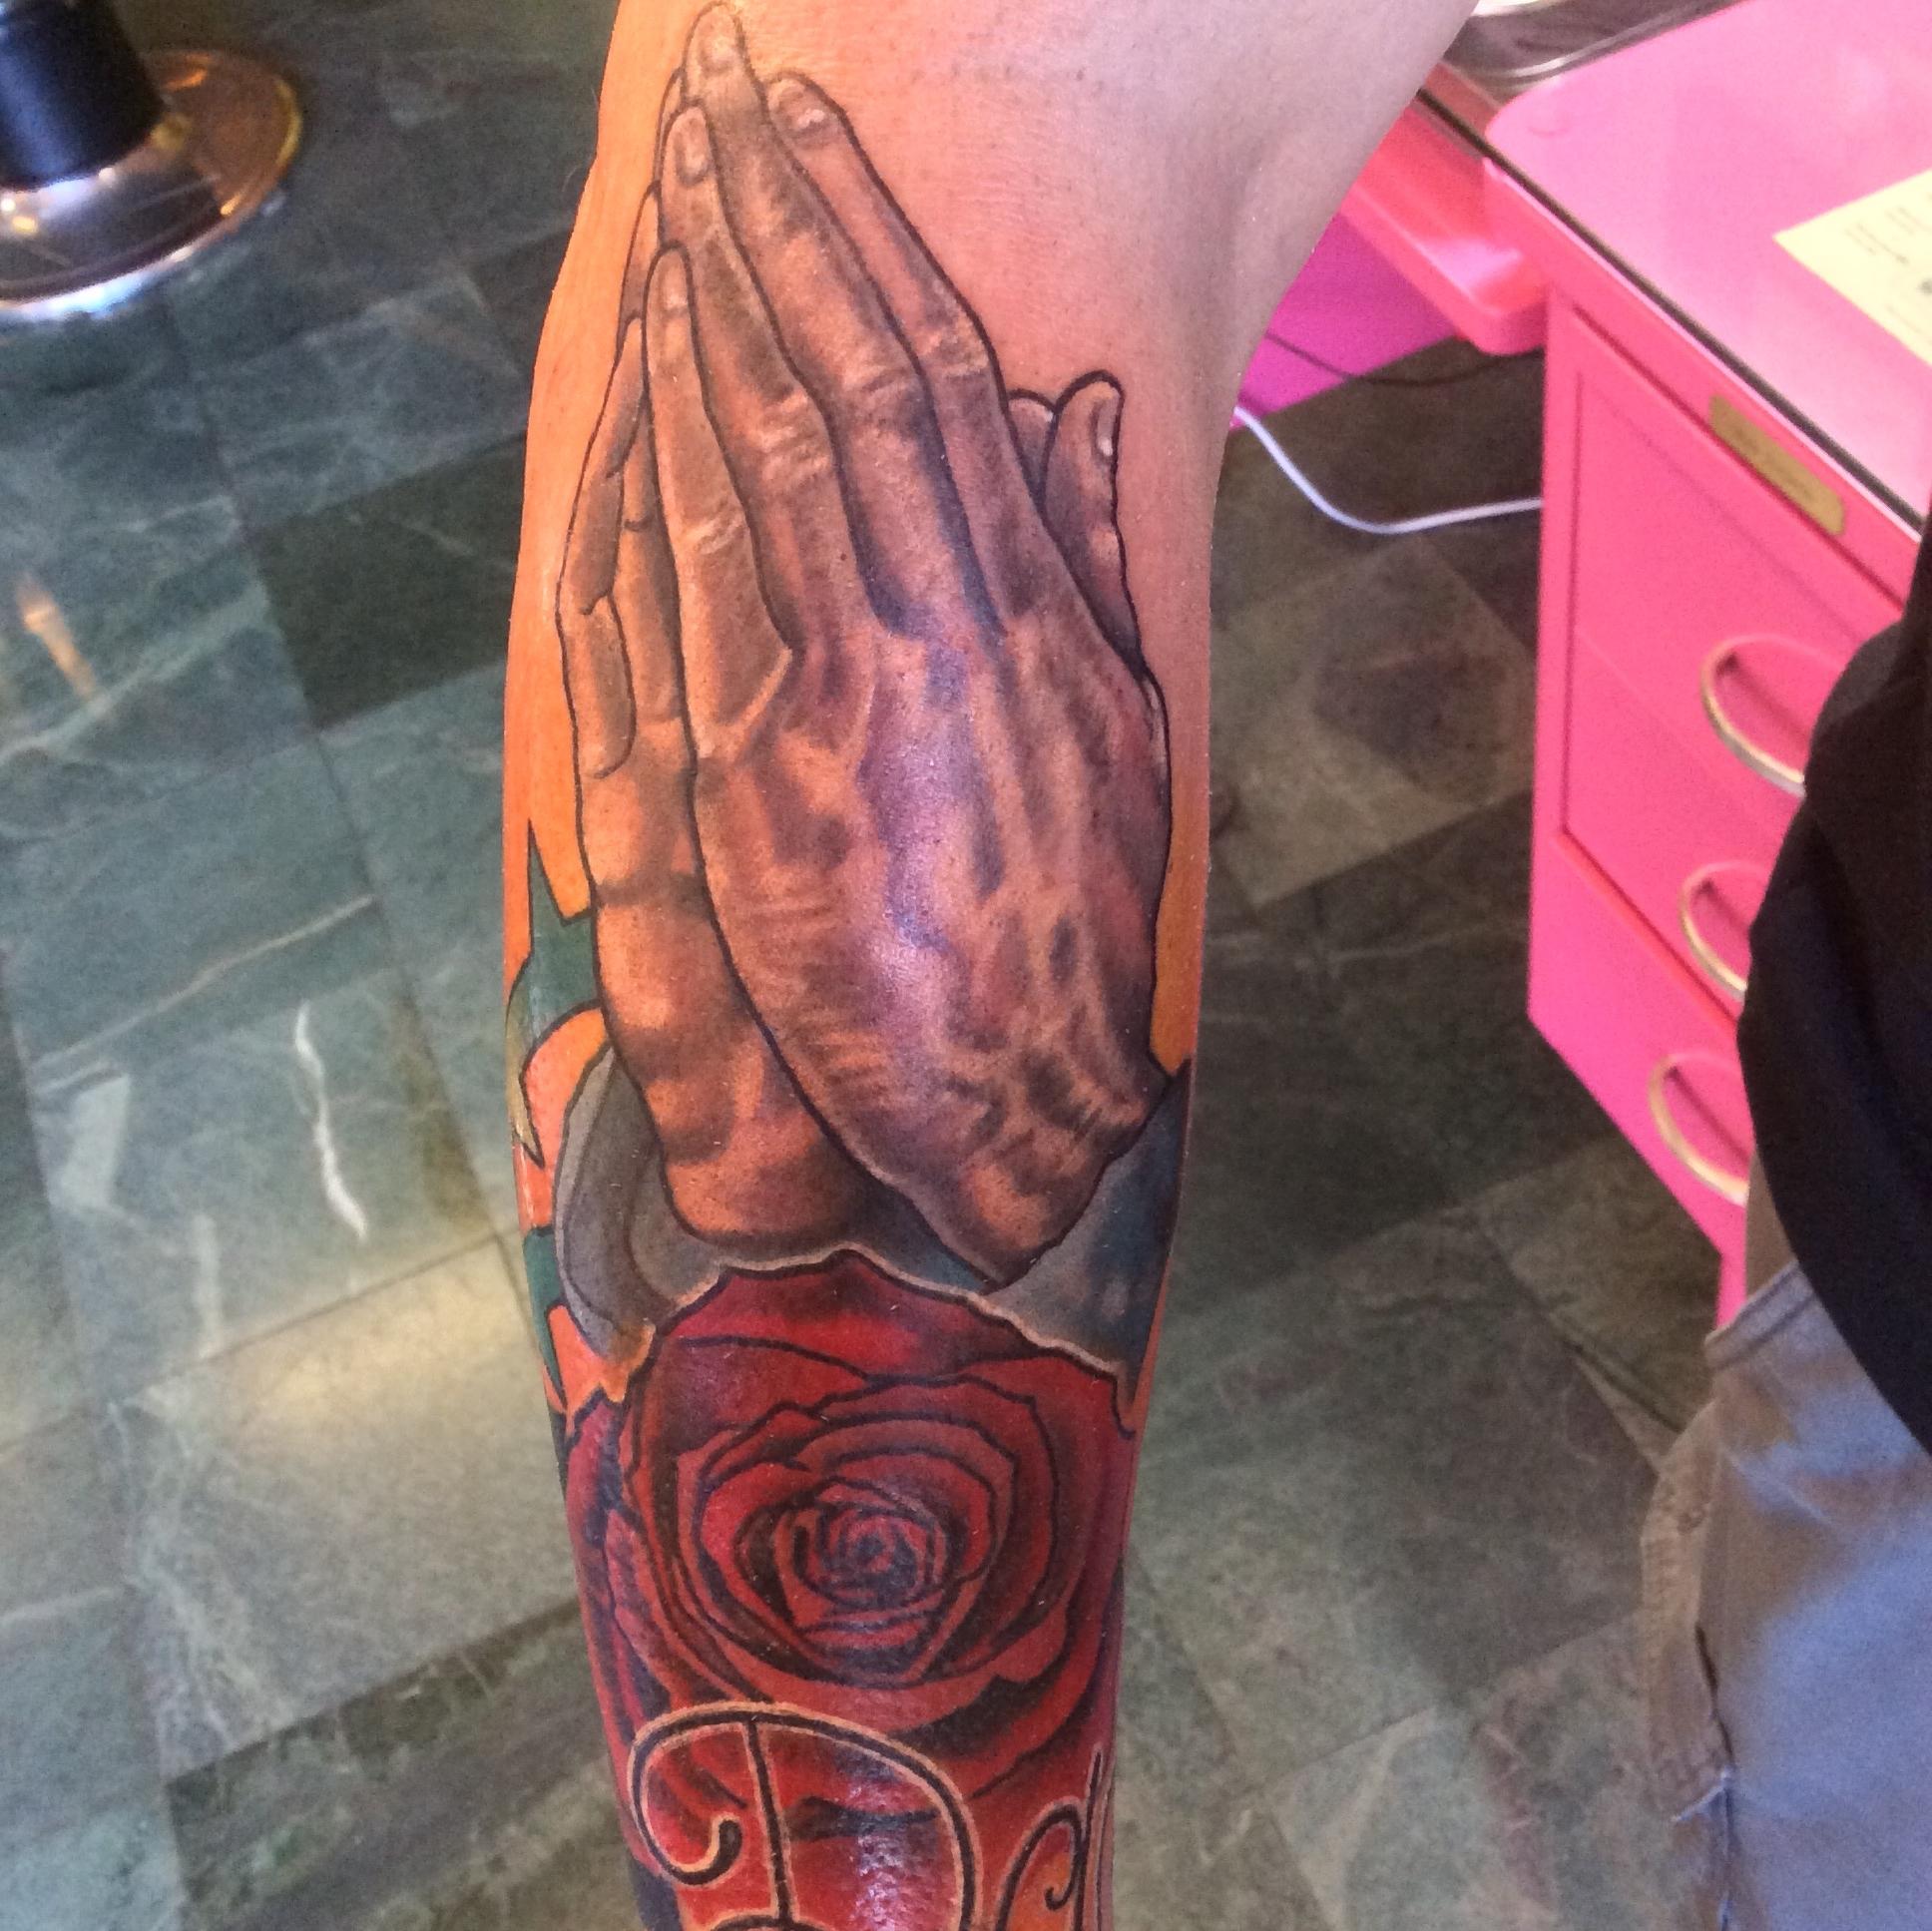 Praying_hands_tattoo.jpg